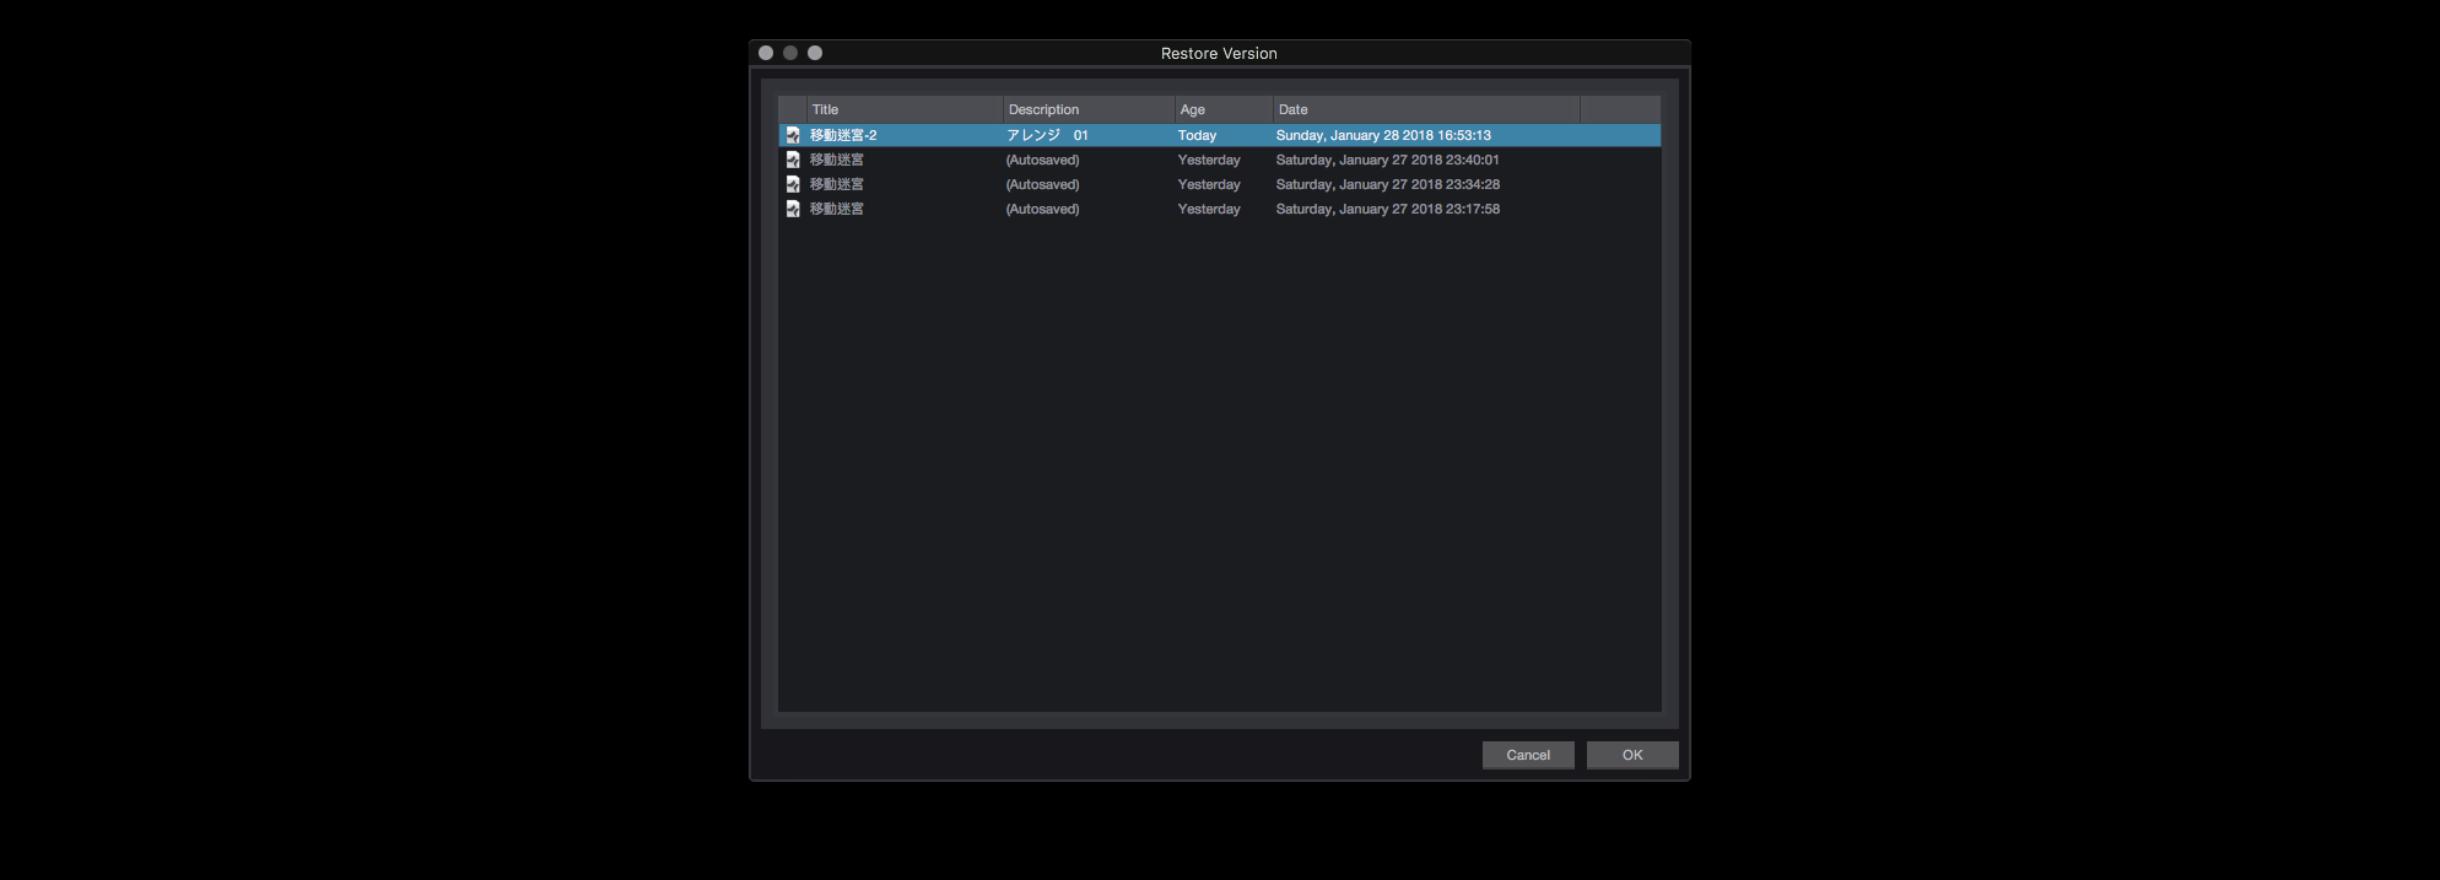 想要跳回到當初儲存的編曲狀態的話,可以在置頂選單中選擇 File > Restore Version.. 來讀取檔案。